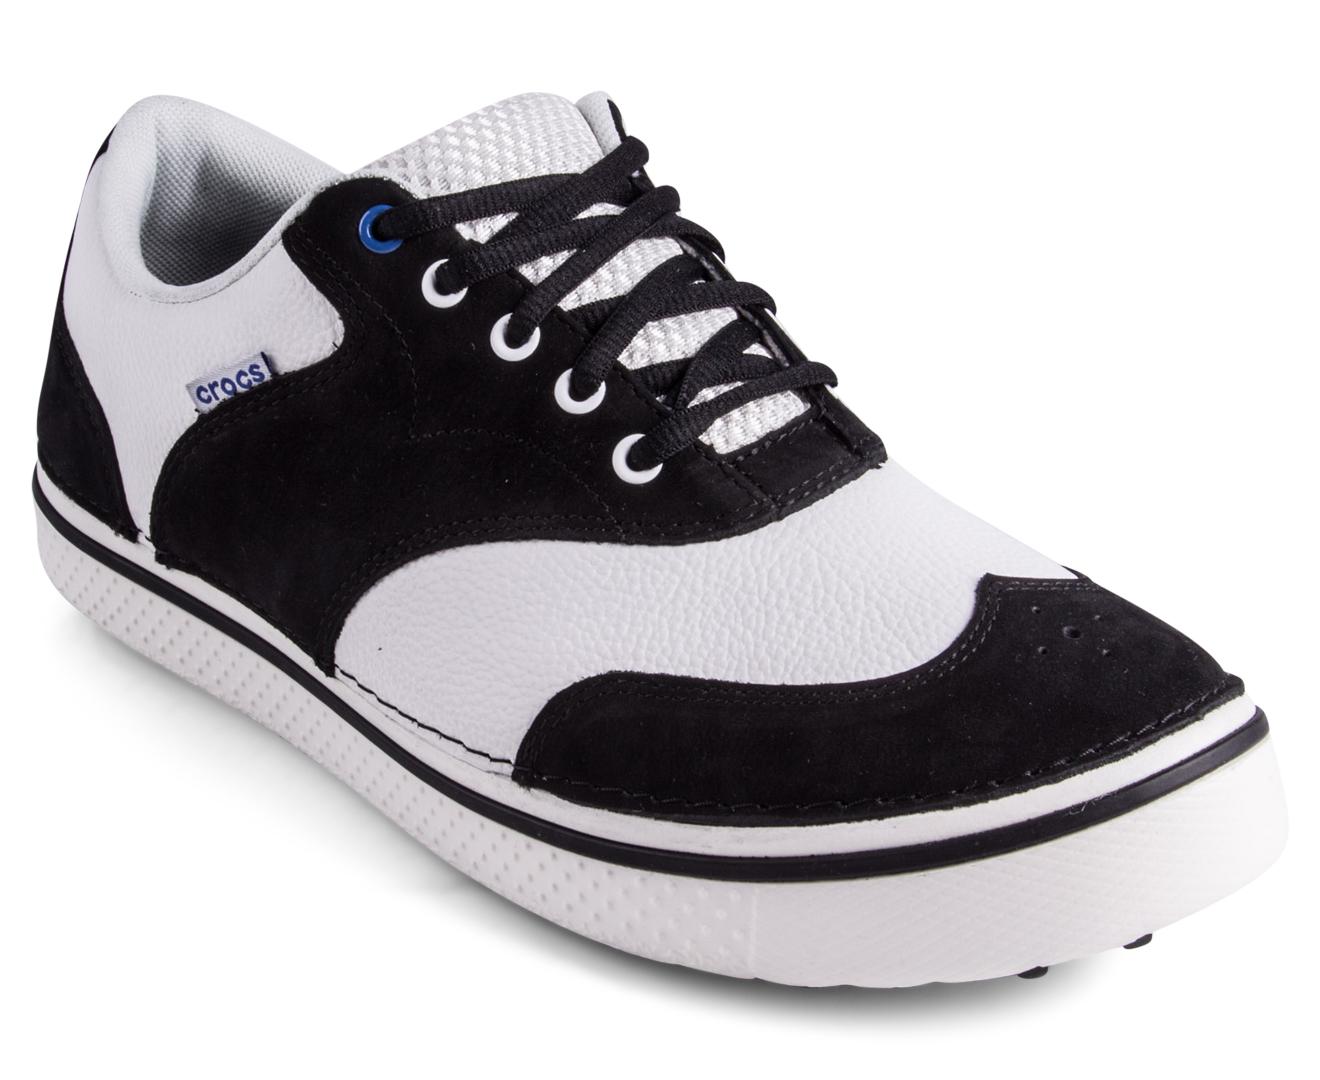 Crocs Golf Shoes Australia